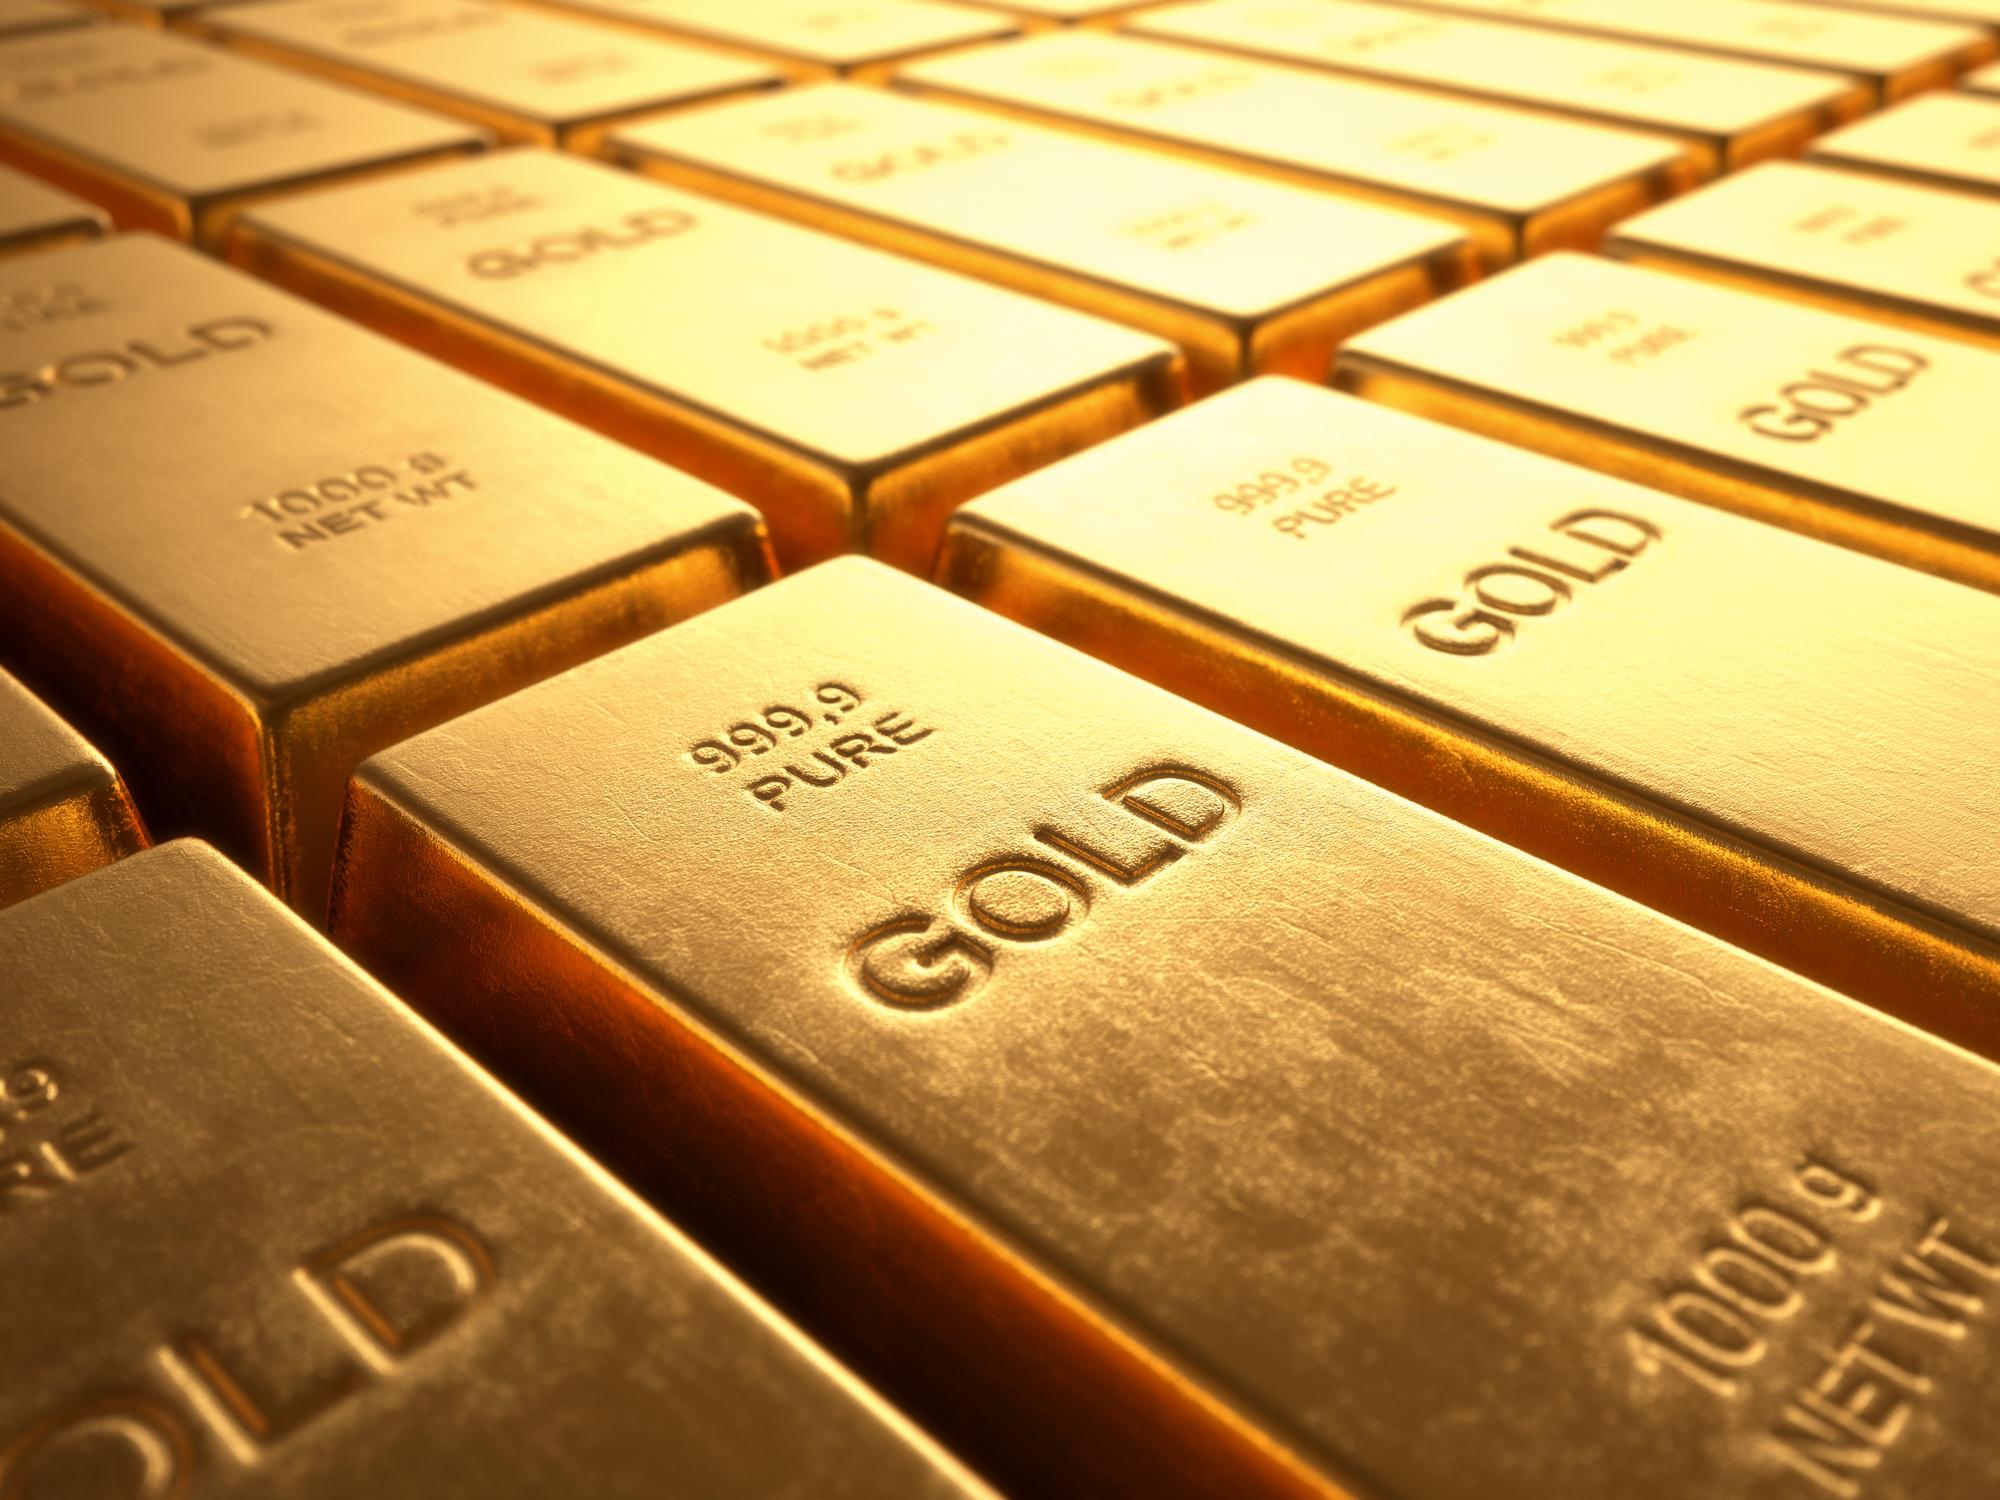 A closeup of gold bars.